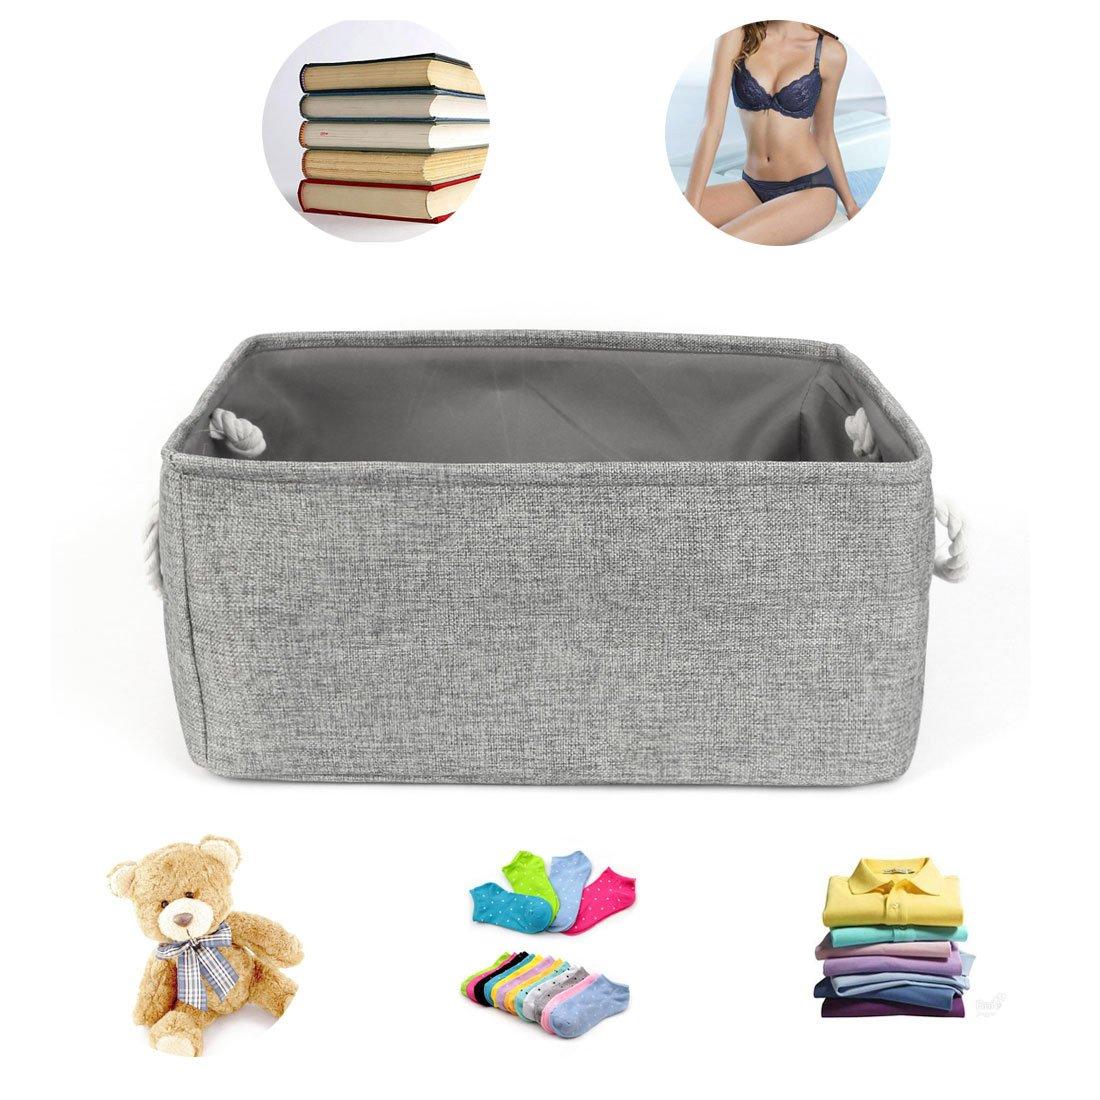 Cesta de tela plegable Sourcingmap®. Organizador con doble asas para guardar juguetes, ropa, toallas, gris, medium: Amazon.es: Hogar